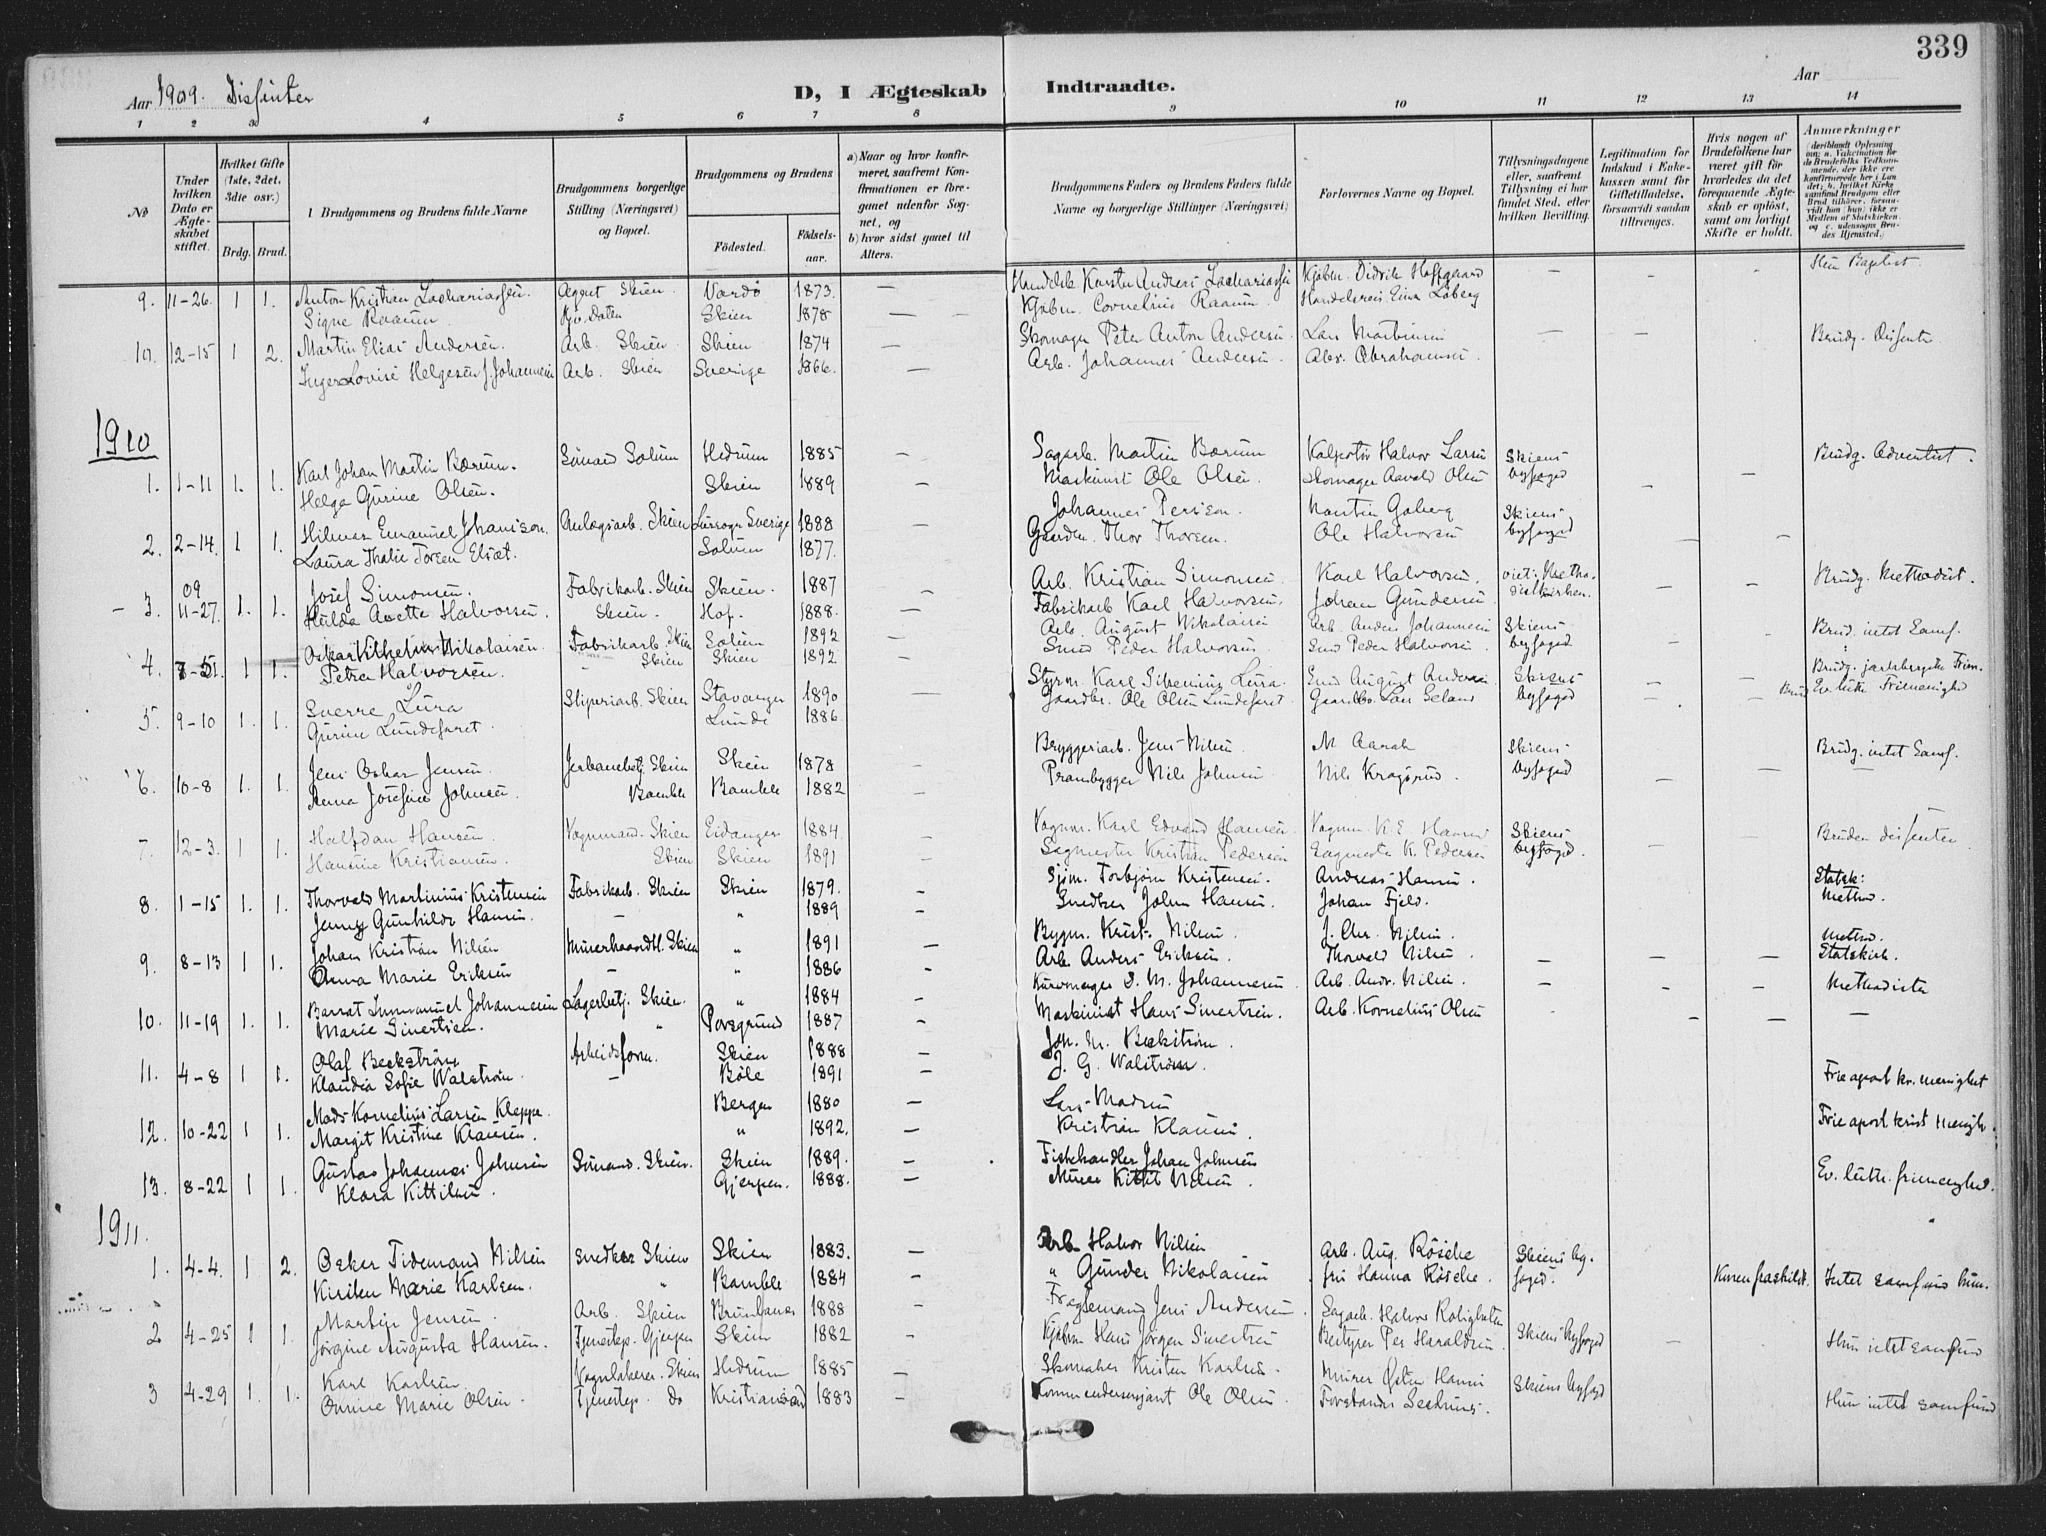 SAKO, Skien kirkebøker, F/Fa/L0012: Ministerialbok nr. 12, 1908-1914, s. 339